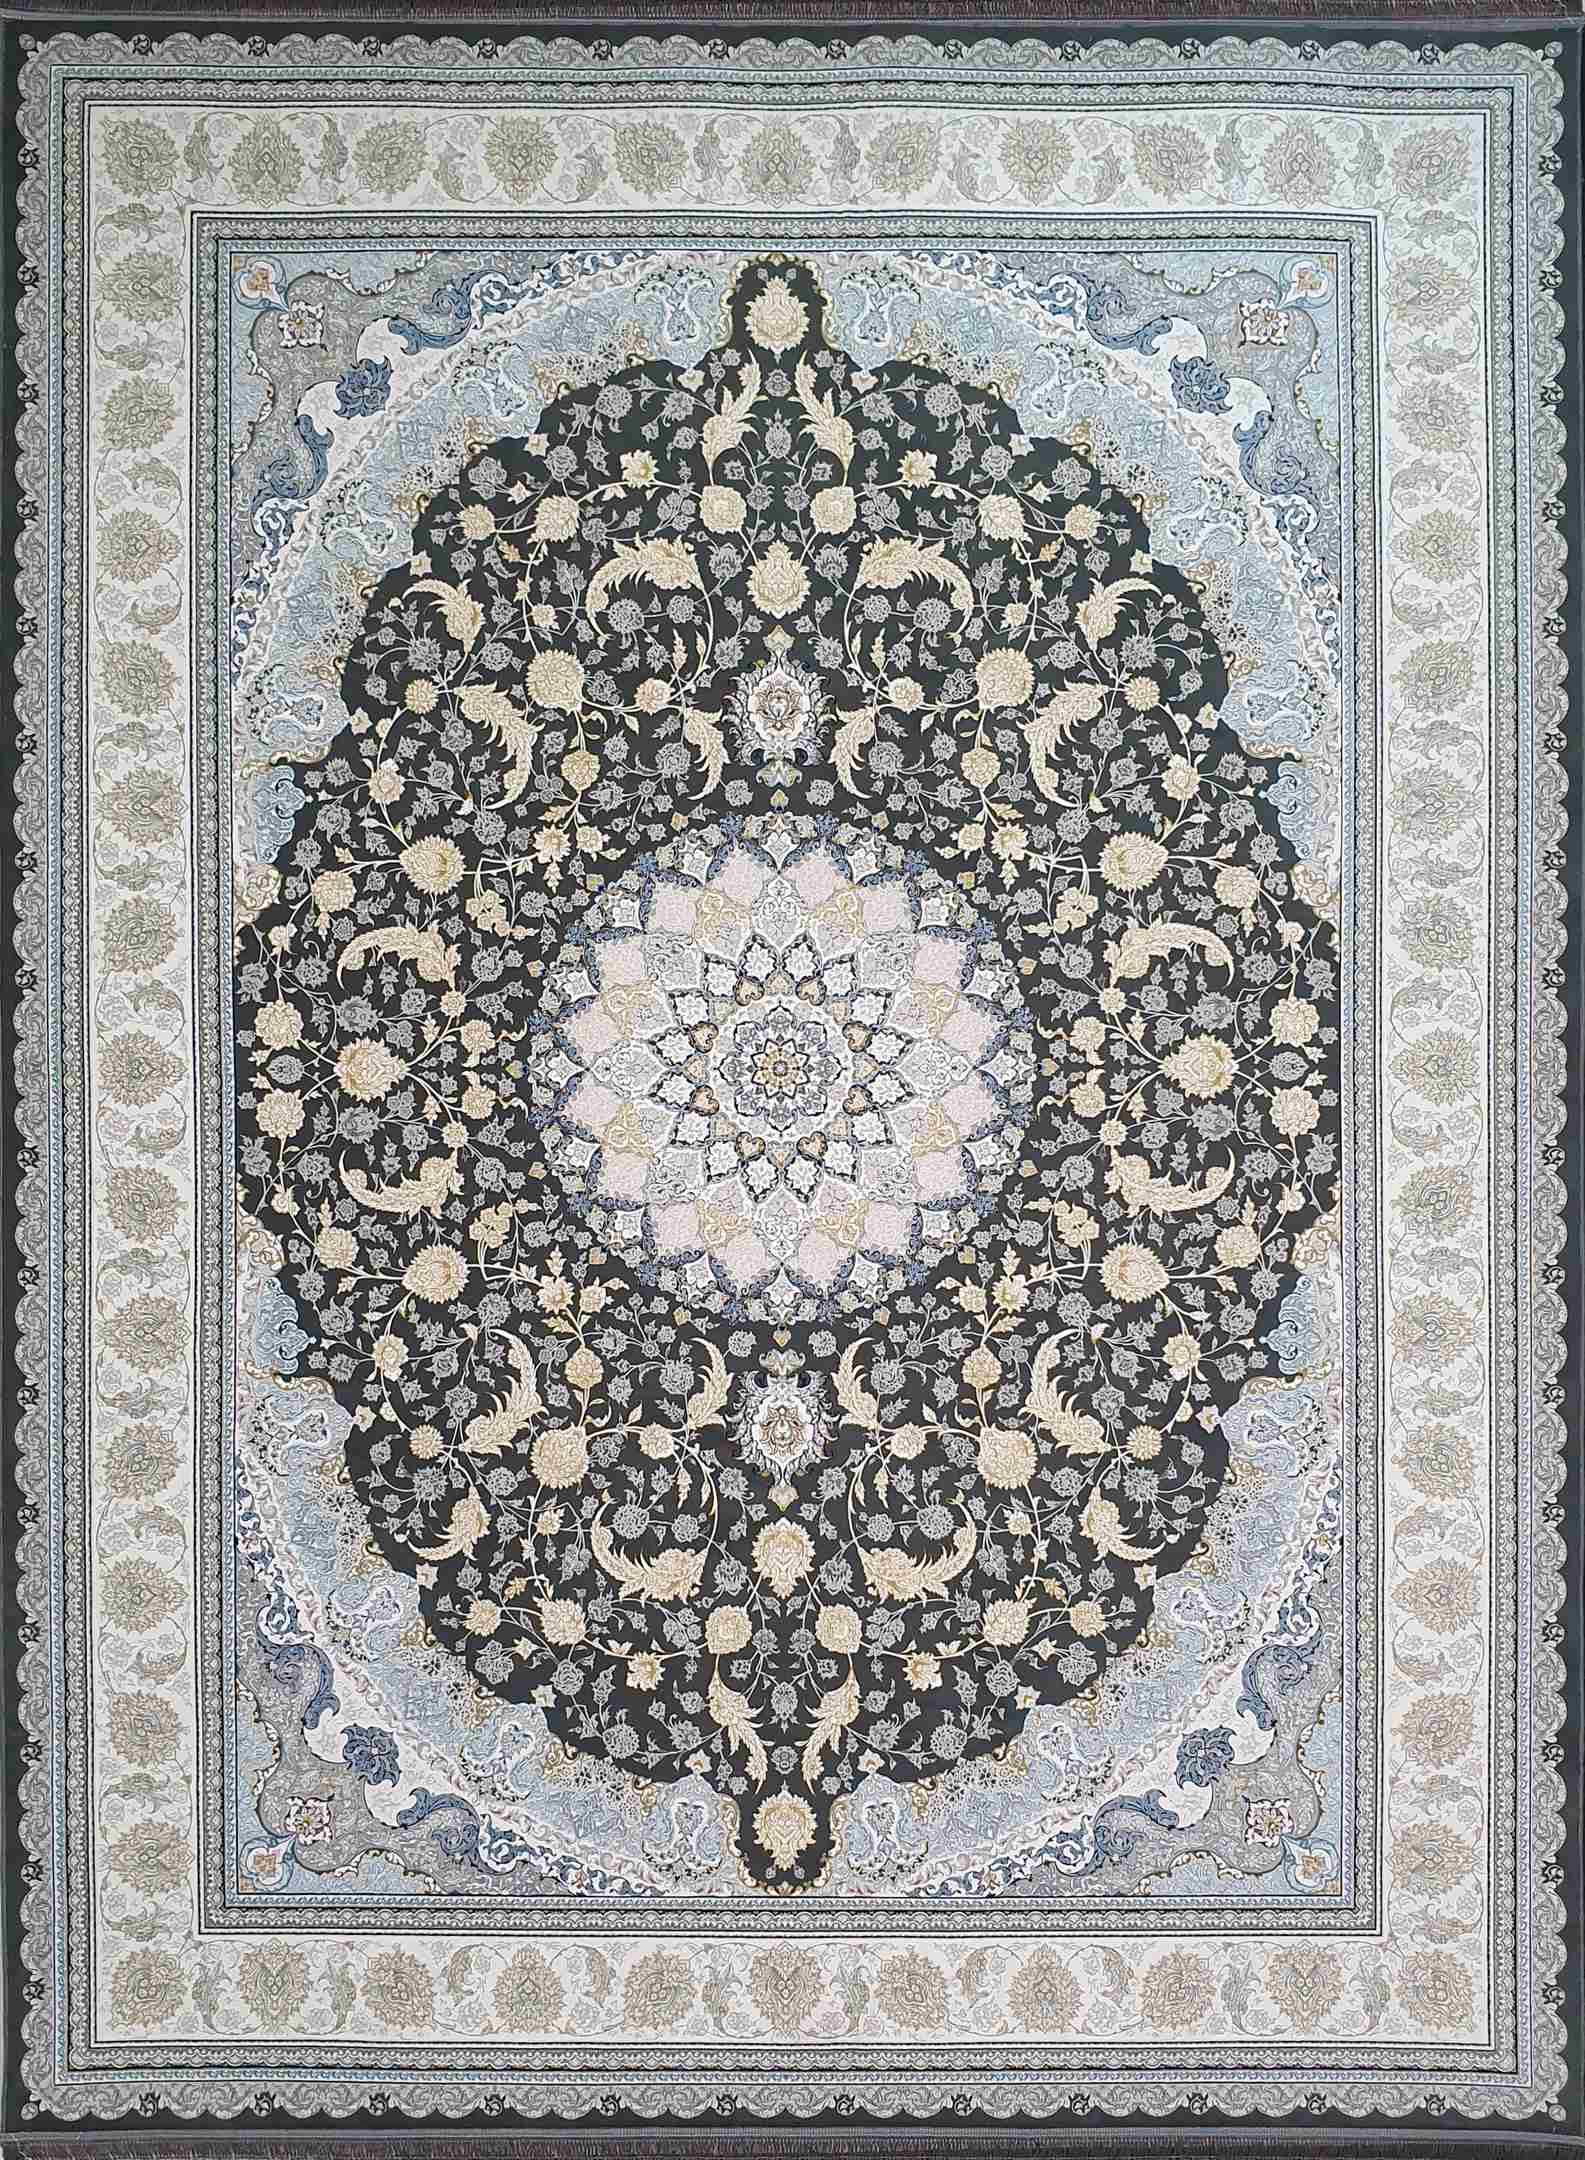 فرش  1200 شانه اصفهان رنگ سرمه ای گلبرجسته